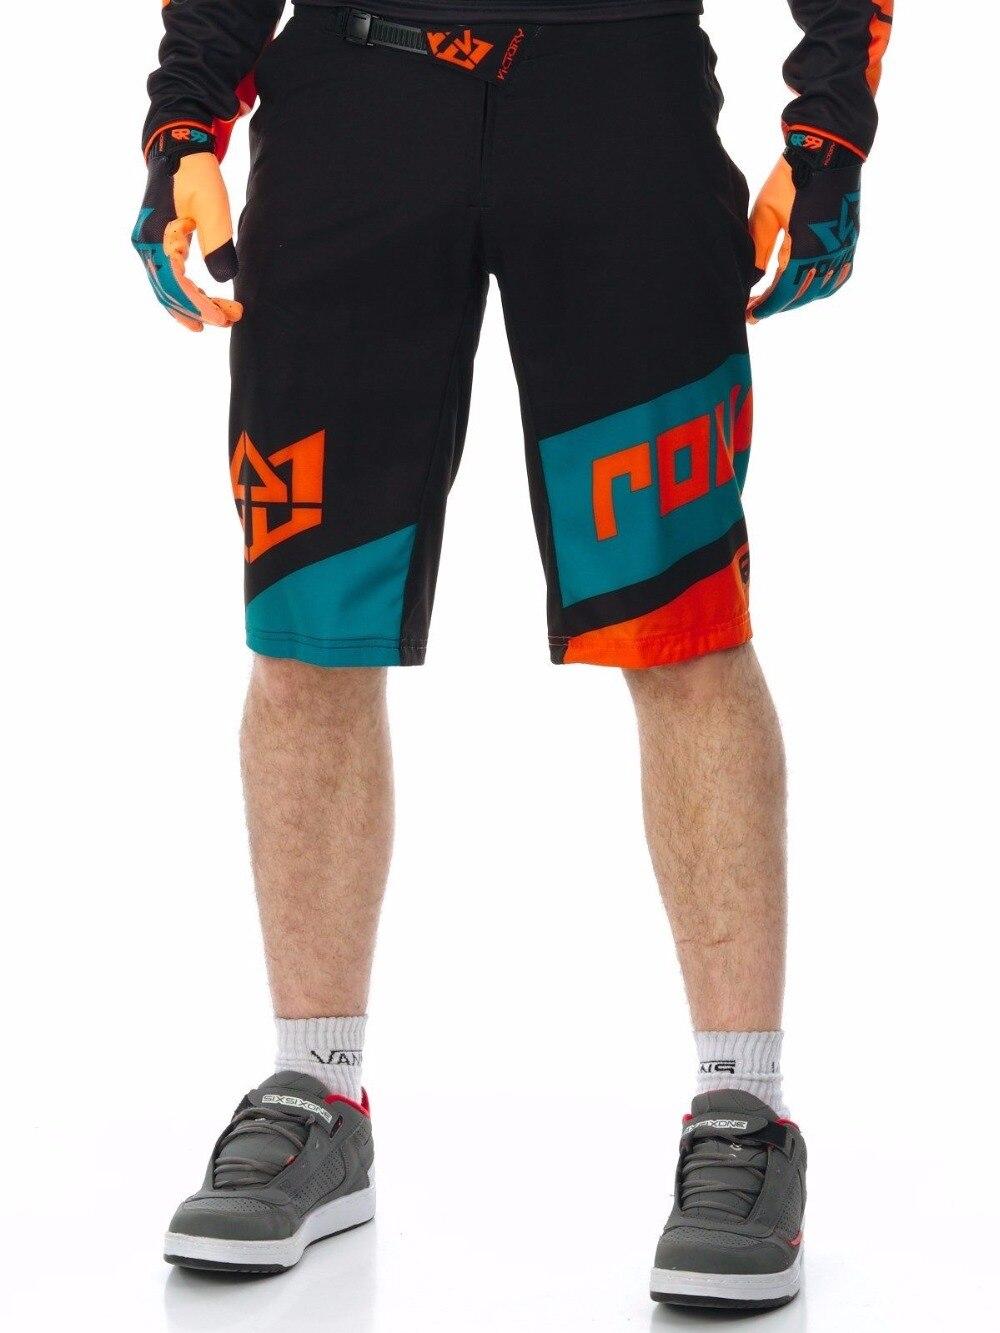 Nieuwe 2019 Royal Racing Motocross Broek Motorfiets Shorts Fiets Downhill Mtb Atv Mx Dh Mountainbike Shorts Off-road Korte Broek Kan Herhaaldelijk Worden Omgedraaid.